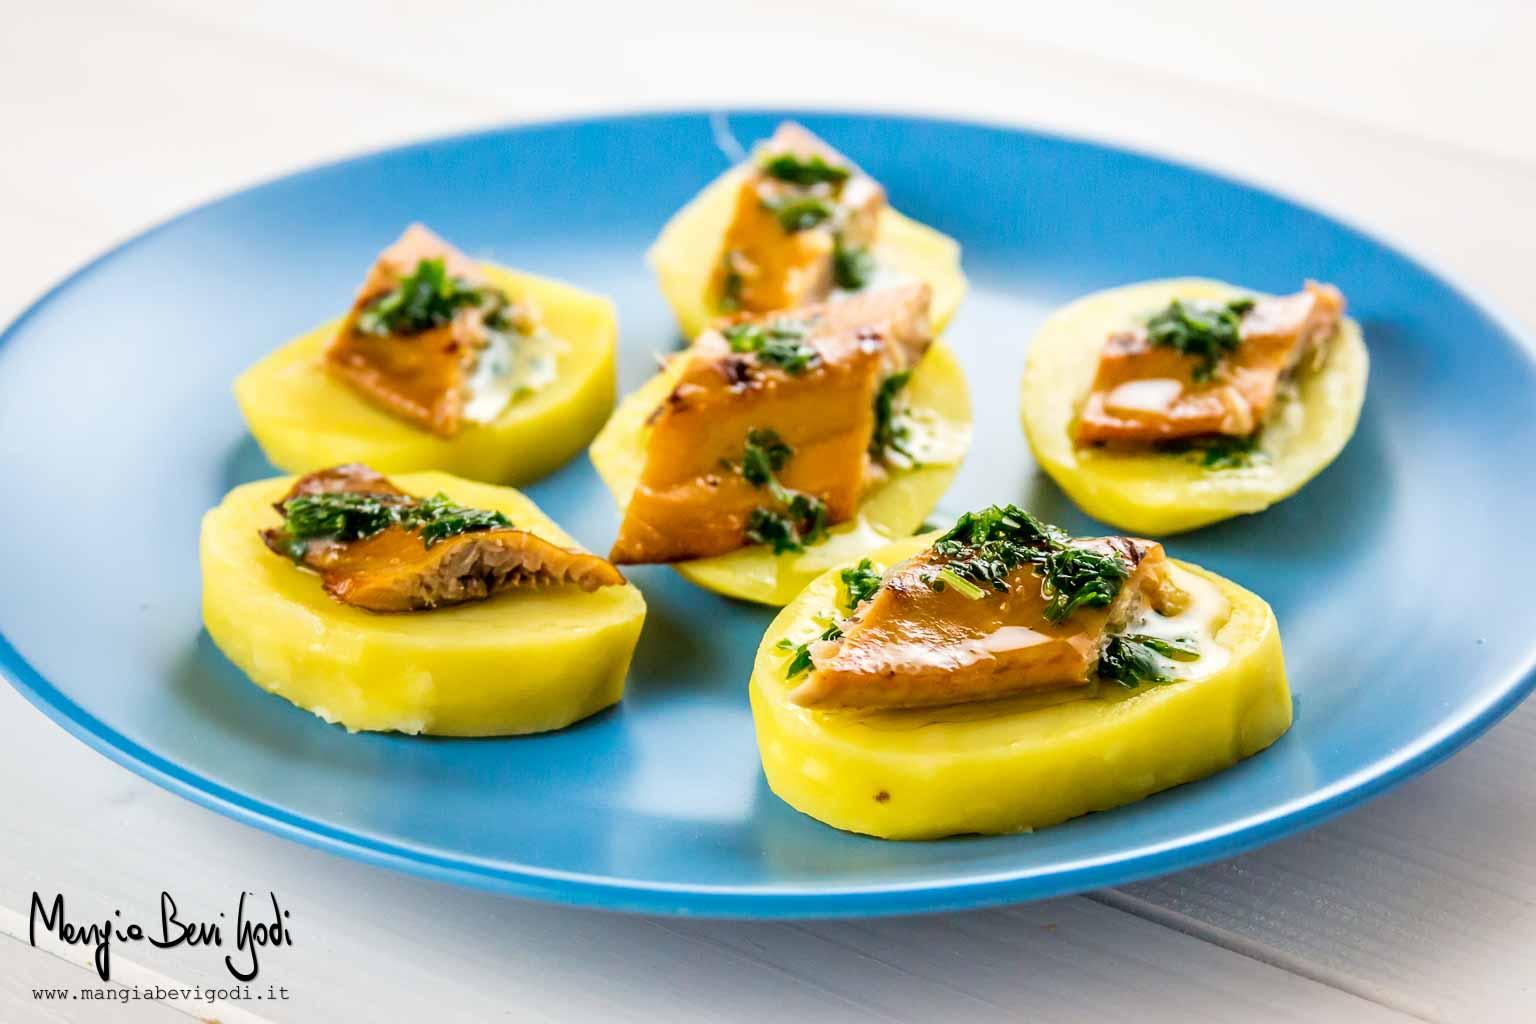 Cicchetti di aringa affumicata alla griglia con patate e olio aromatico